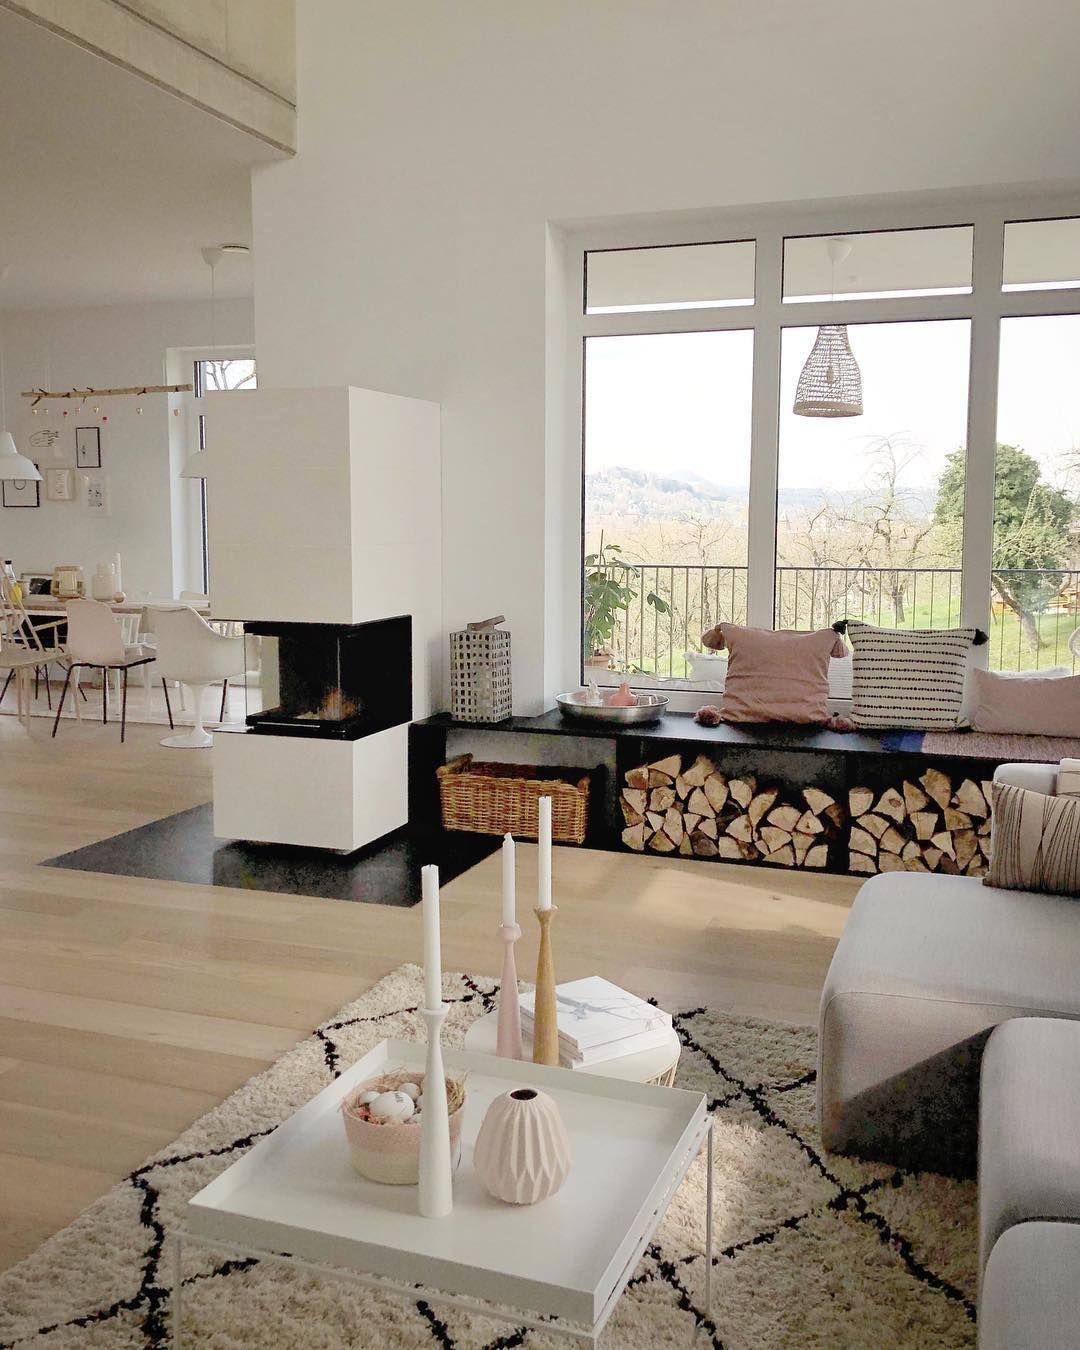 Sitzbank Am Fenster Gleichzeitig Als Ablage Fur Korbe Mit Kissen Etc Wohnzimmer Ideen Gemutlich Wohn Esszimmer Wohnen